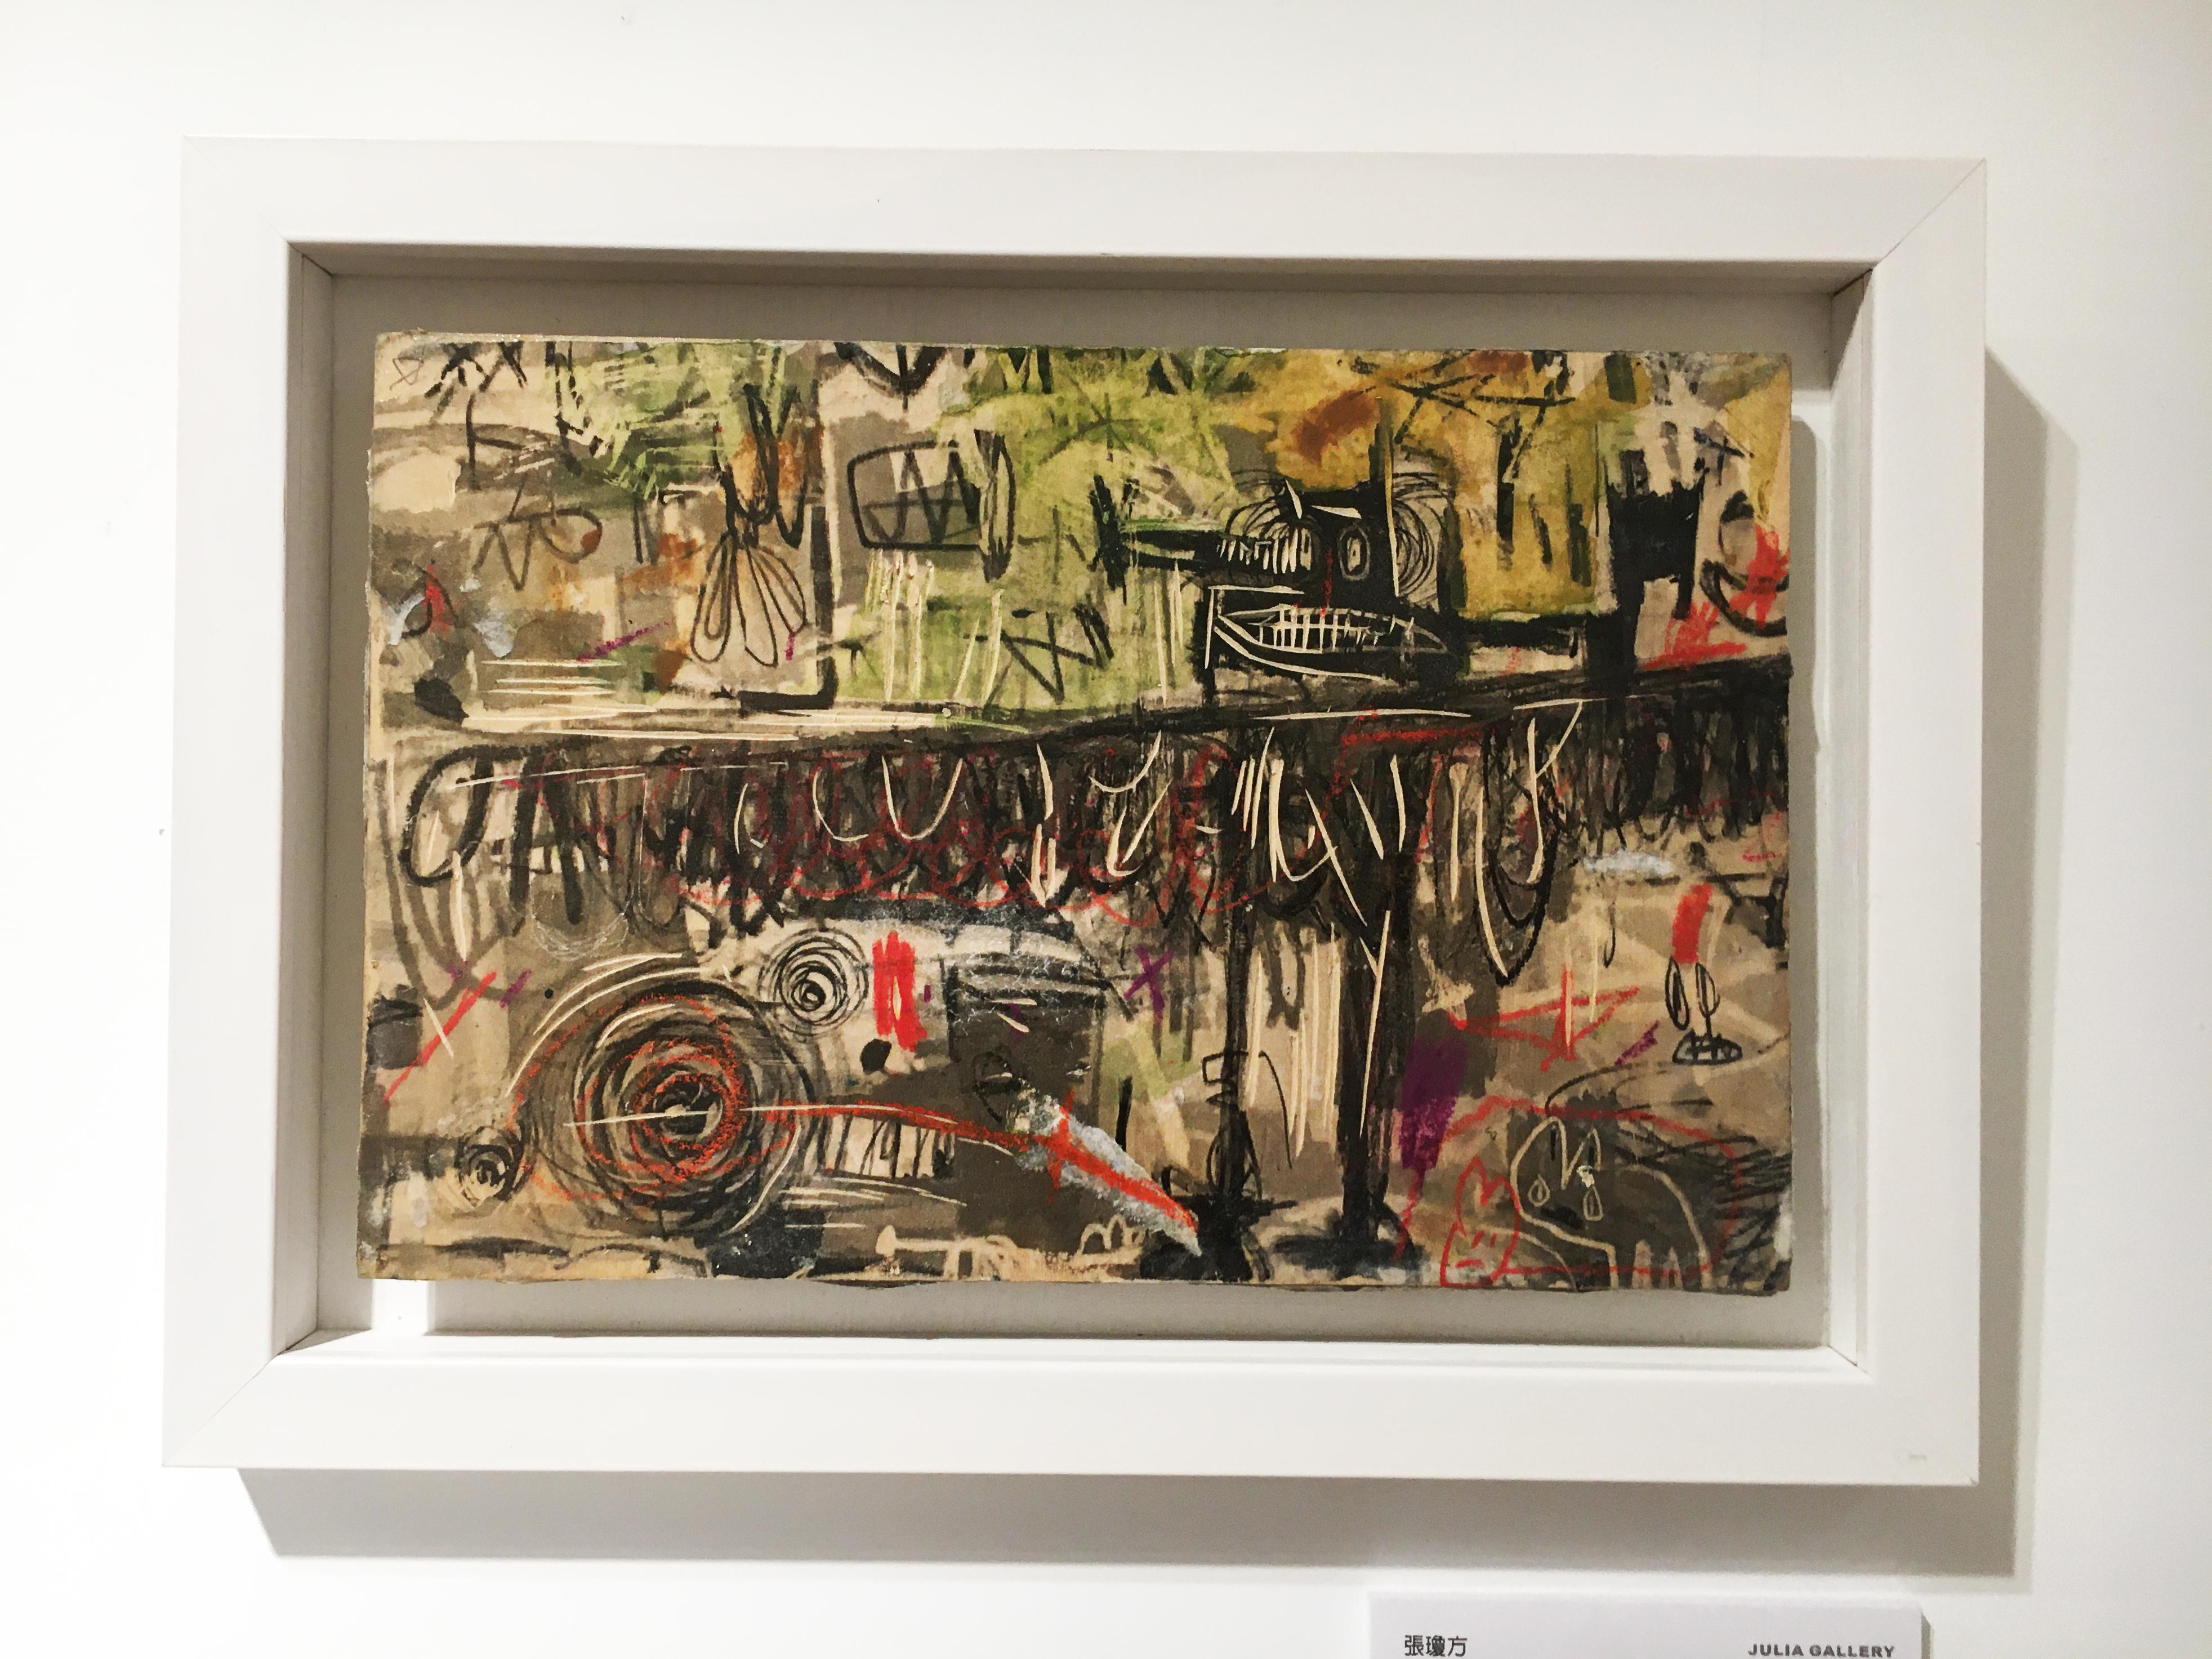 張瓊方,《黑鳥》,25 x 35 cm,油彩、蠟筆、木板、壓克力板,2018。